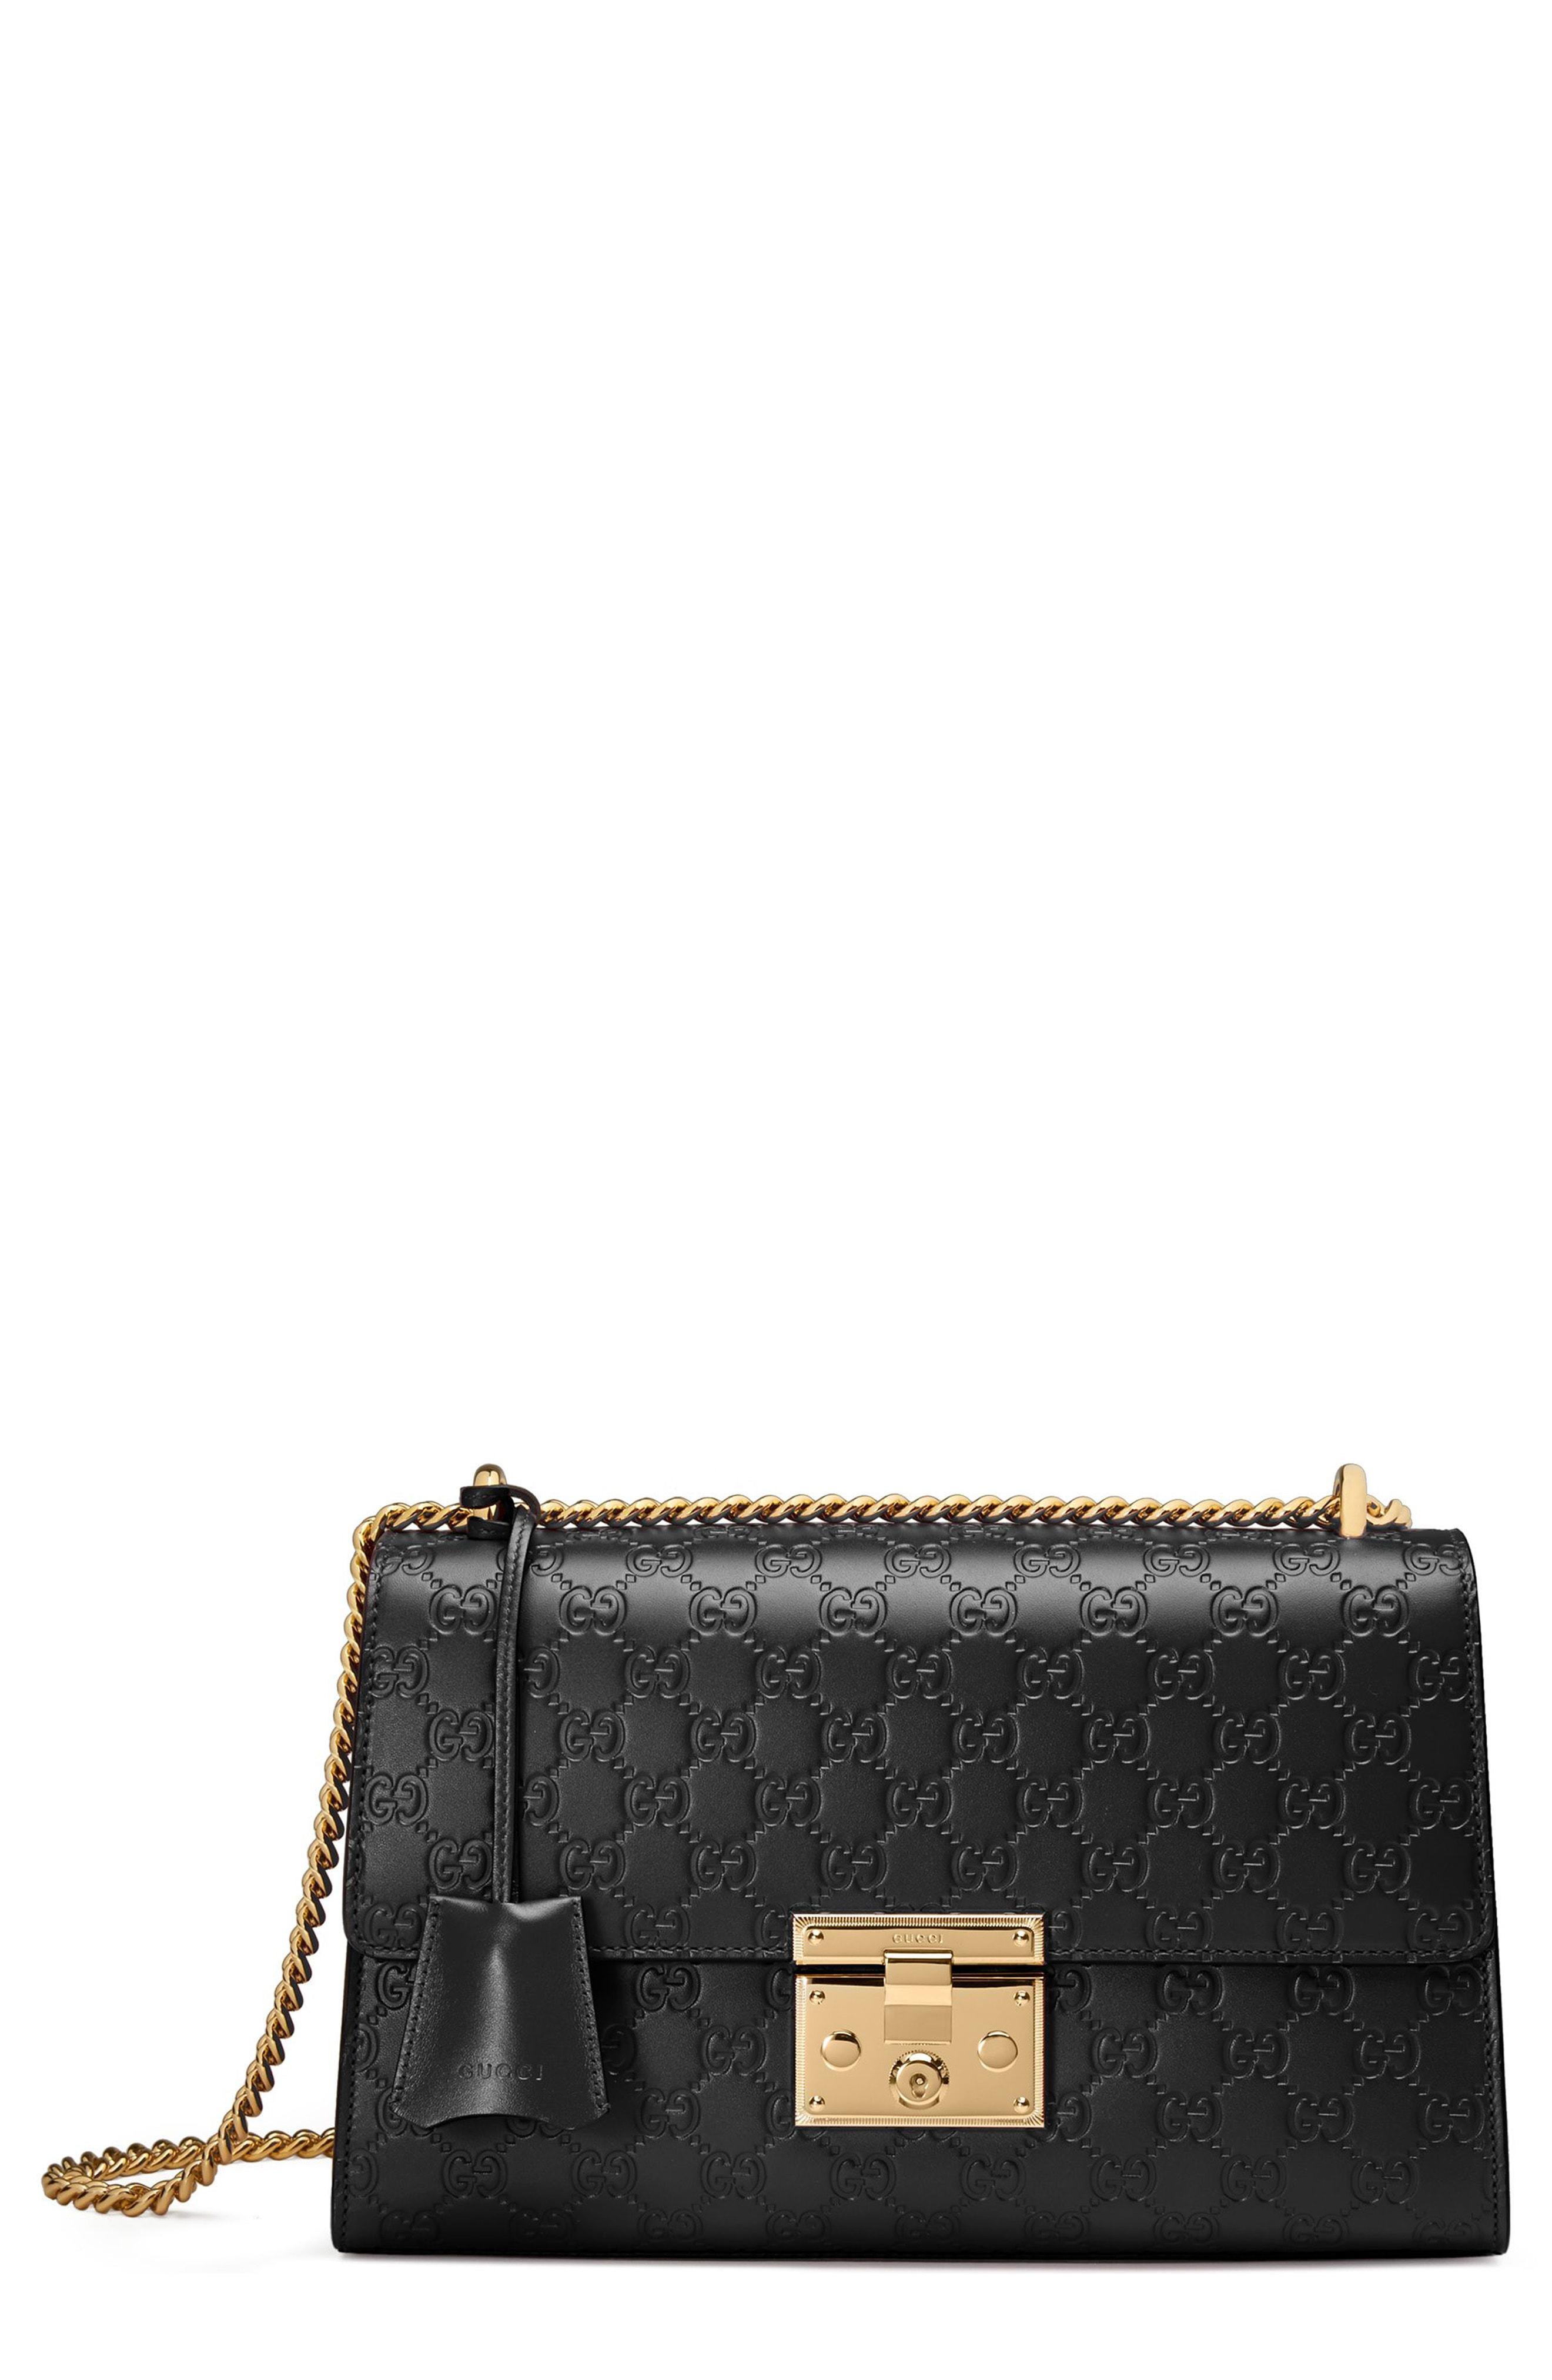 a4ca721bef8 Gucci - Black Medium Padlock Signature Leather Shoulder Bag - - Lyst. View  fullscreen